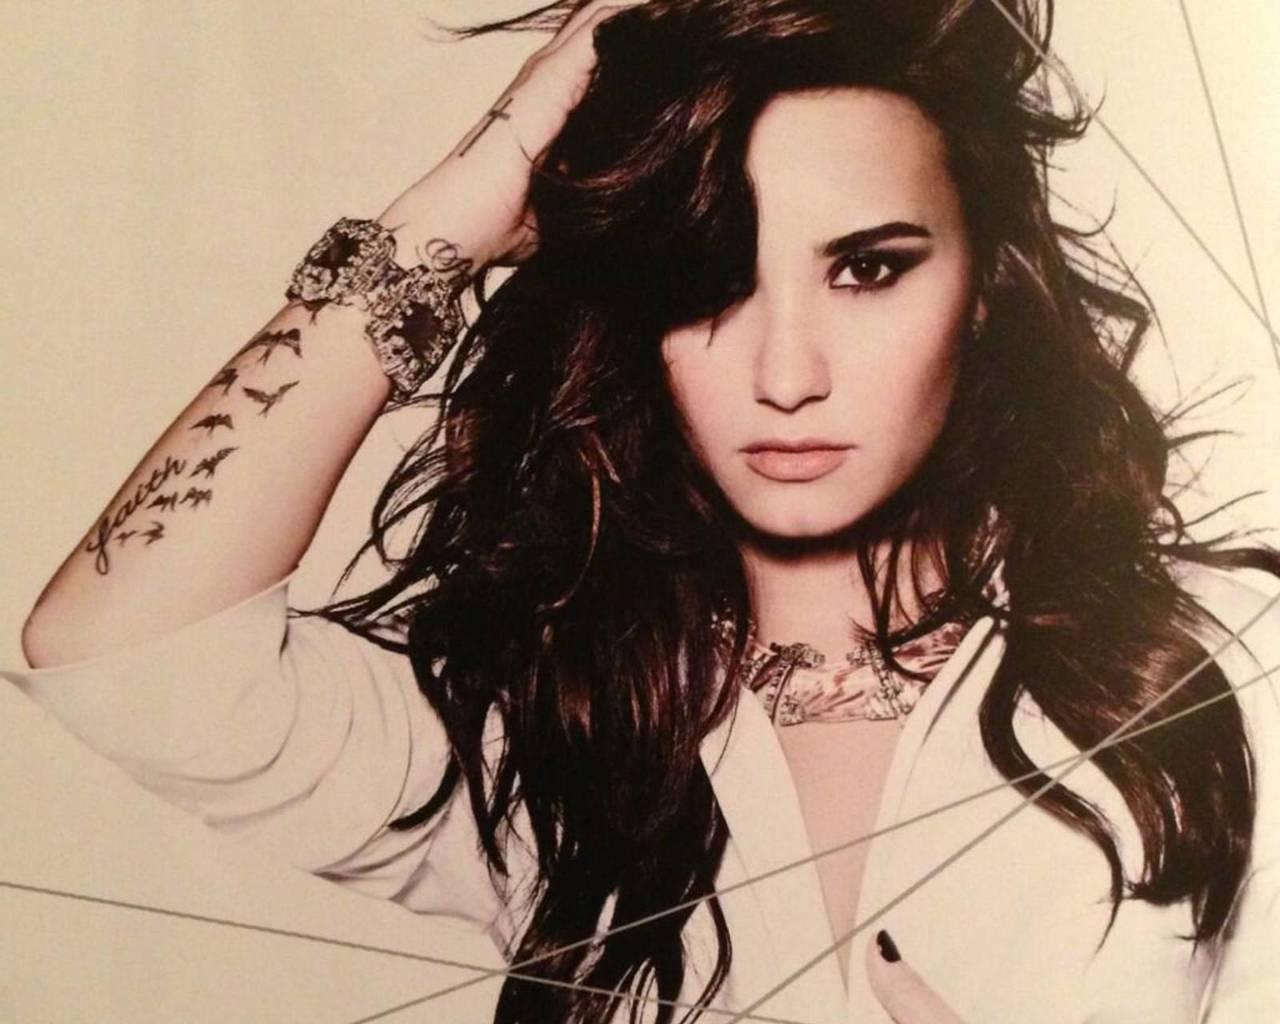 Fotos de Demi Lovato pelada são divulgadas | E! Online Brasil